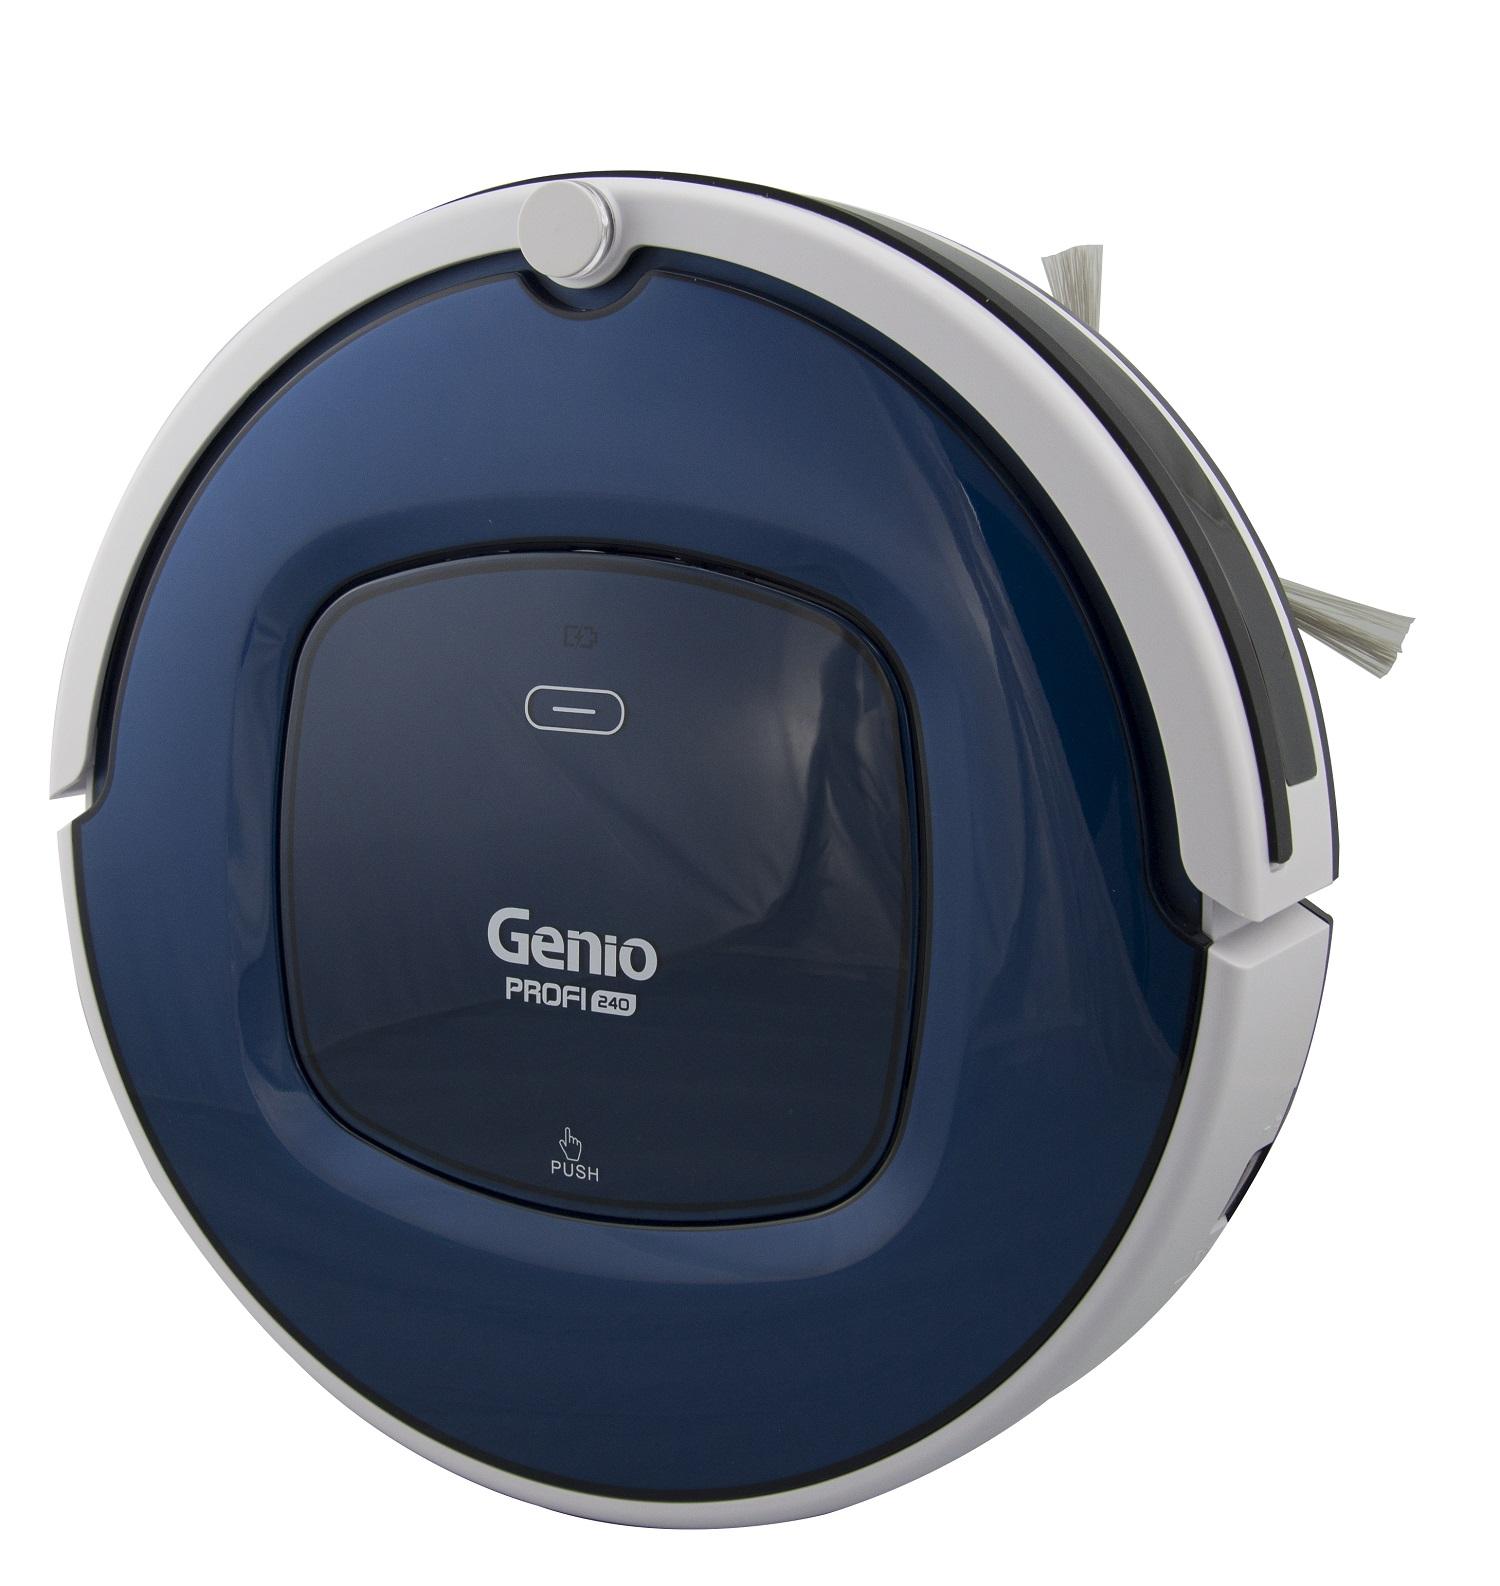 Робот пылесос Genio Profi 240 Blue (синий)Genio<br>Робот-пылесос Genio Profi 240 Blue (Синий) обладает прекрасными техническими характеристиками. Мощный Ni-Mh аккумулятор, бесщеточный мотор, бампер мягкого касания, блок для протирки пола, виртуальная стена (ограничитель движения), пульт ДУ, датчики препят...<br>